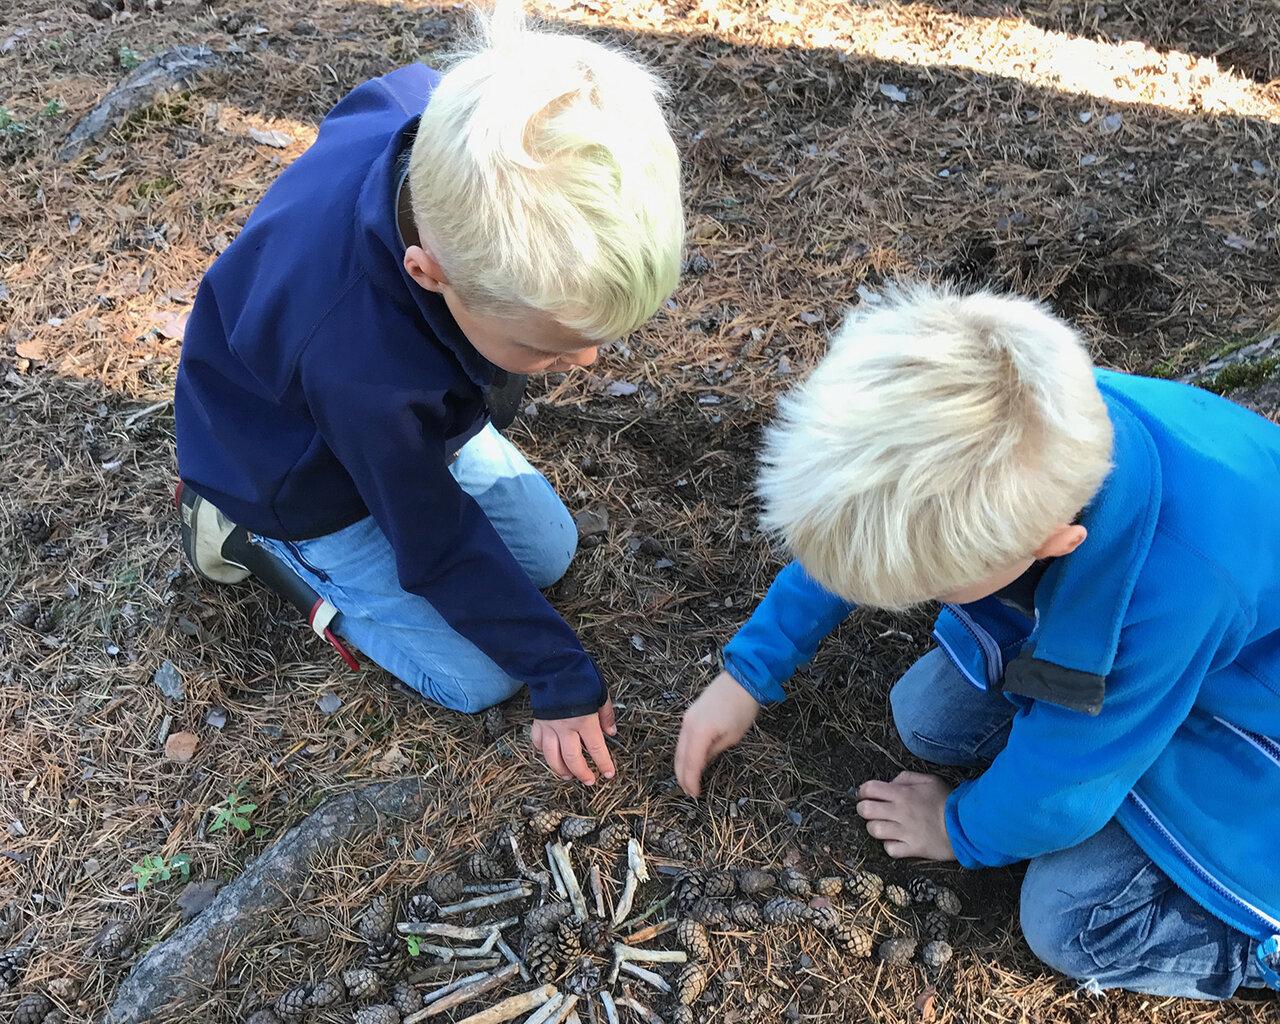 """枝や木の実でマンダラを作って遊ぶスウェーデンの子供たち。<br> <small class=""""font-small"""">写真提供:高見幸子</small>"""